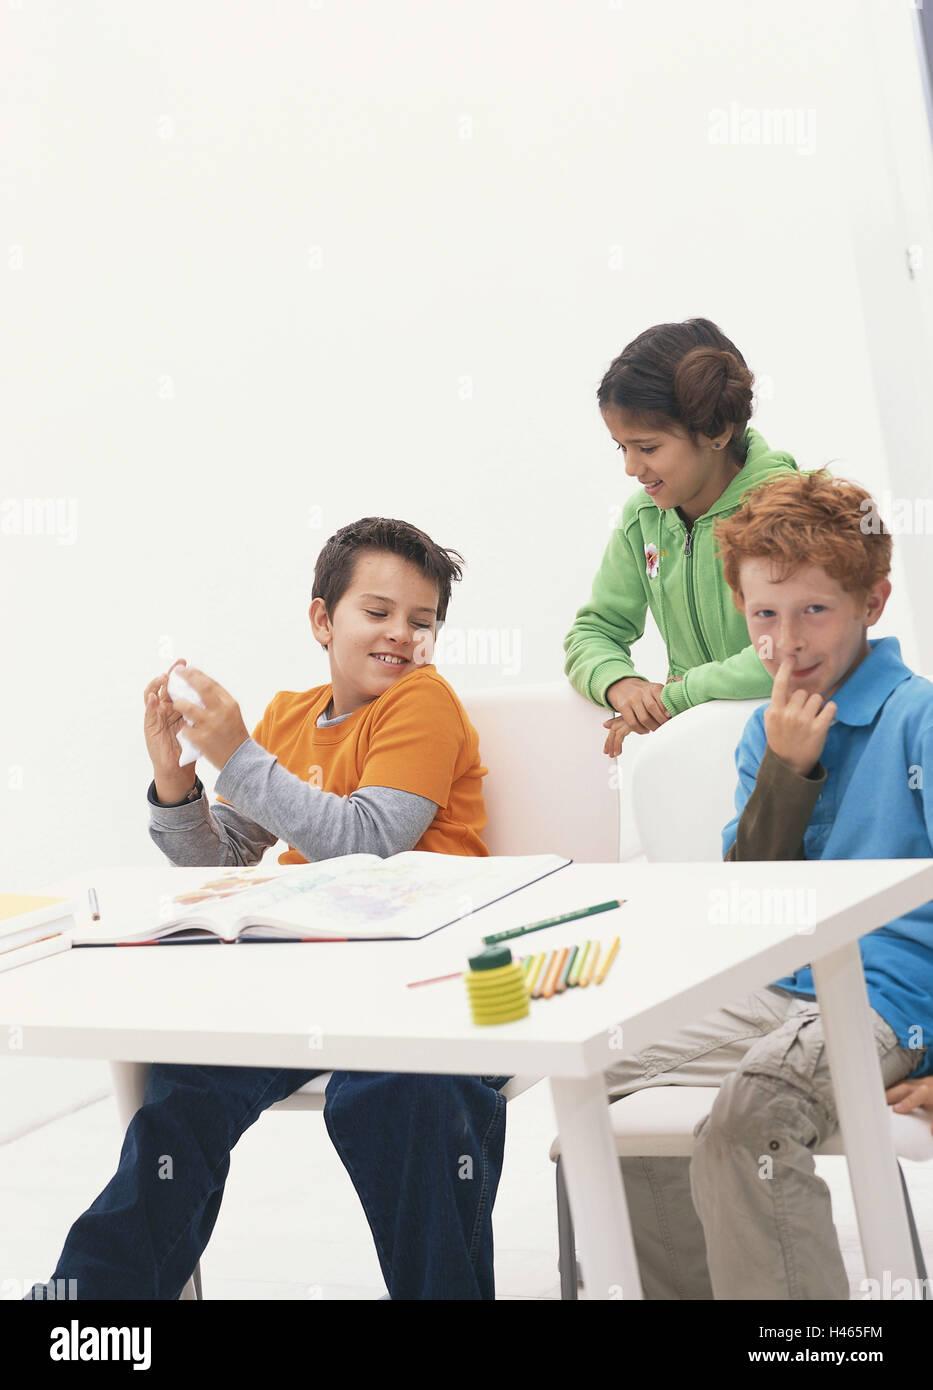 La escuela, el aula, romper el colegial, broma, burla pupitres escolares, vacaciones escolares, persona, niños, tres, escolares, alumnos de primaria, los amigos de la escuela, los amigos, la conversación, feliz, periodo de vida, el horario escolar, la educación obligatoria, en el interior, Foto de stock